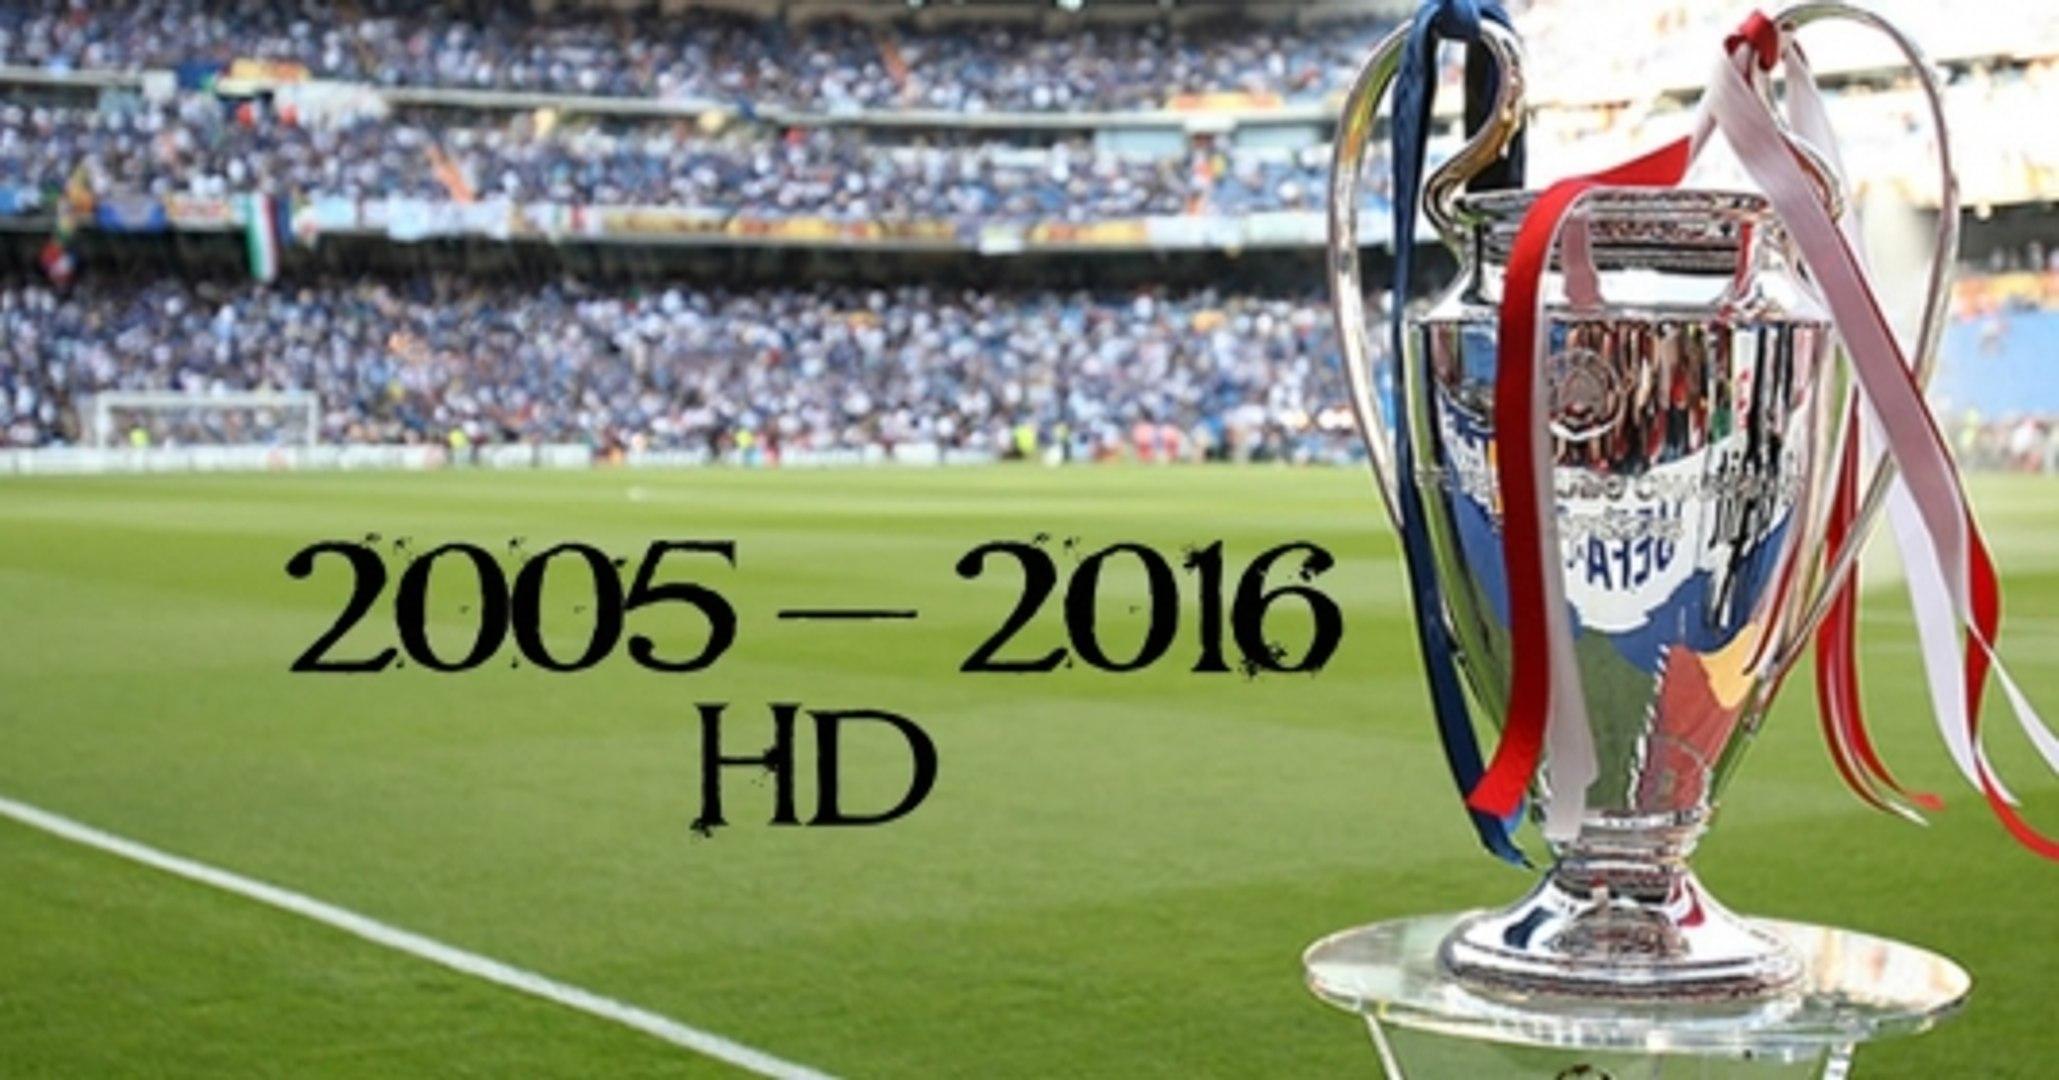 Final Champions League 2005 - 2016 | [Công Tánh Football]